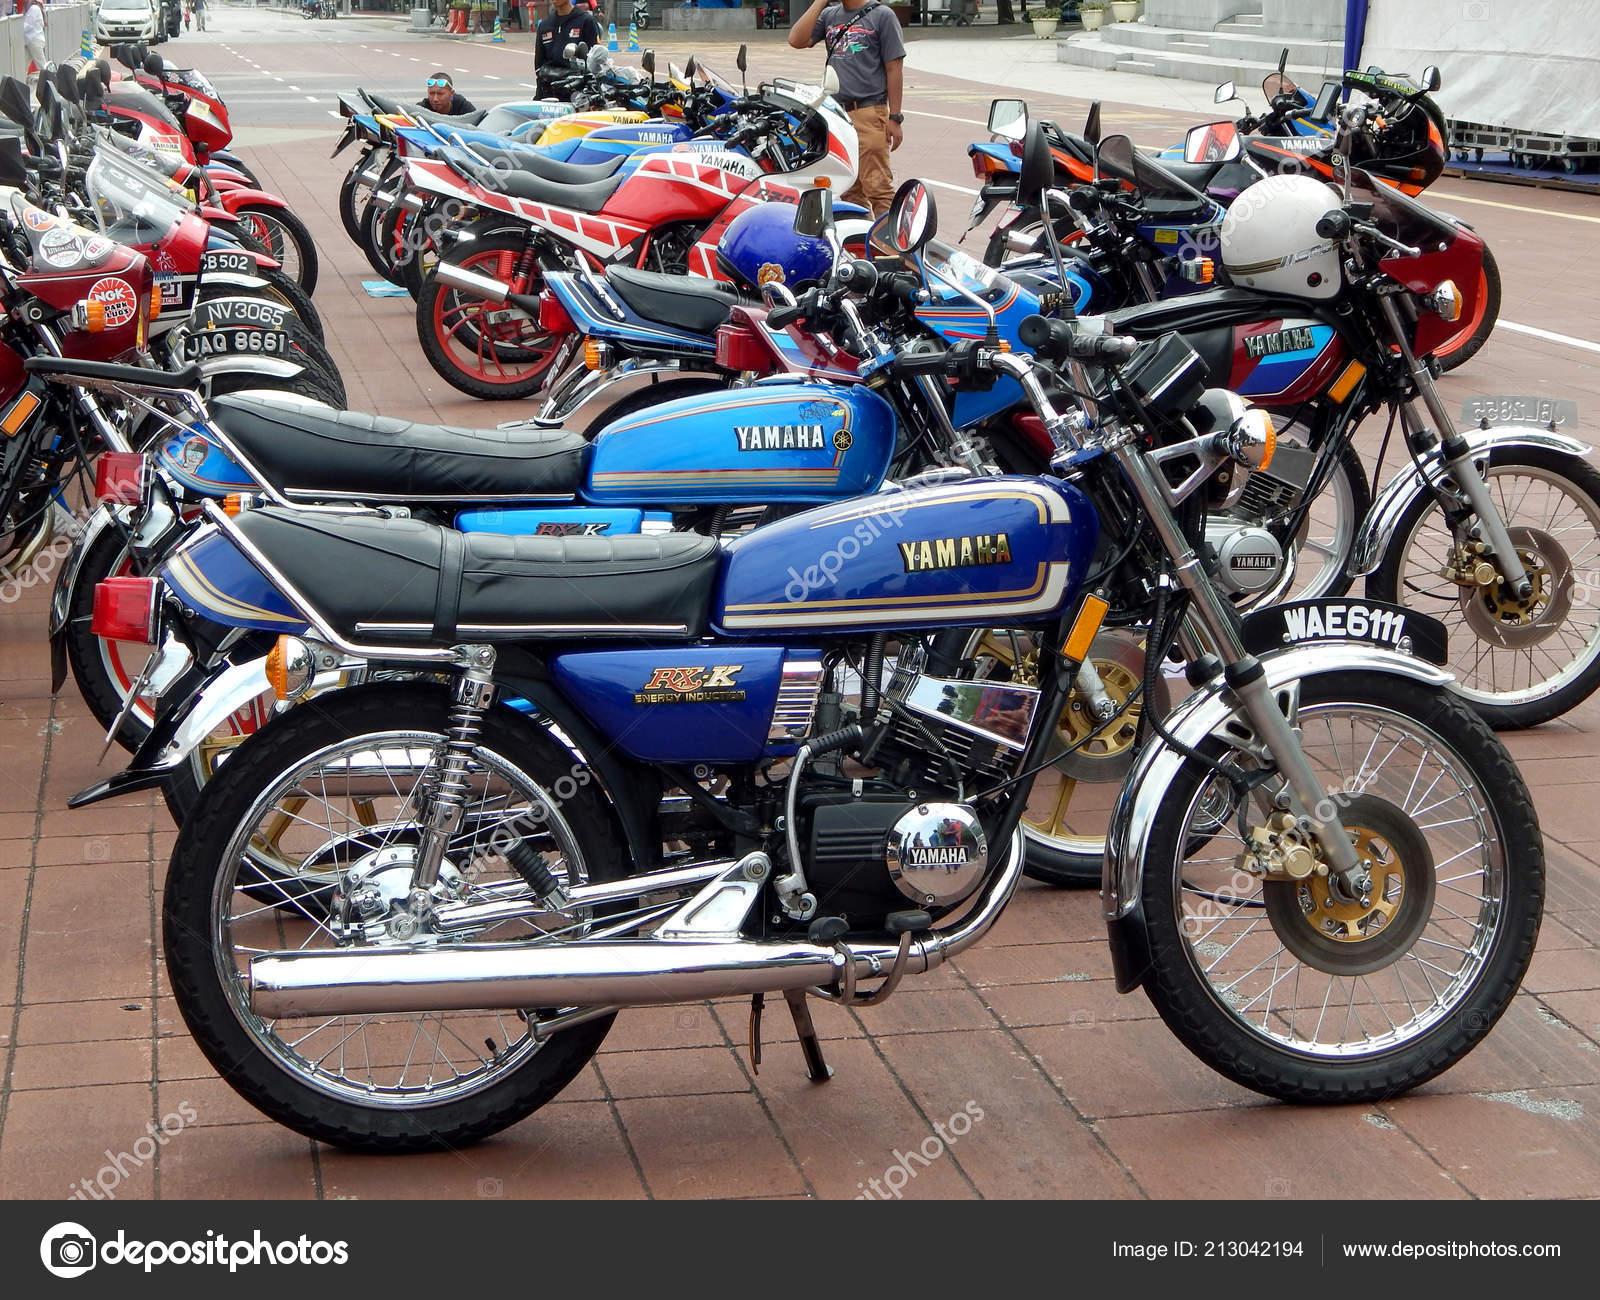 Kuala Lumpur Malaysia March 2018 Yamaha Motorcycle Brand Logos